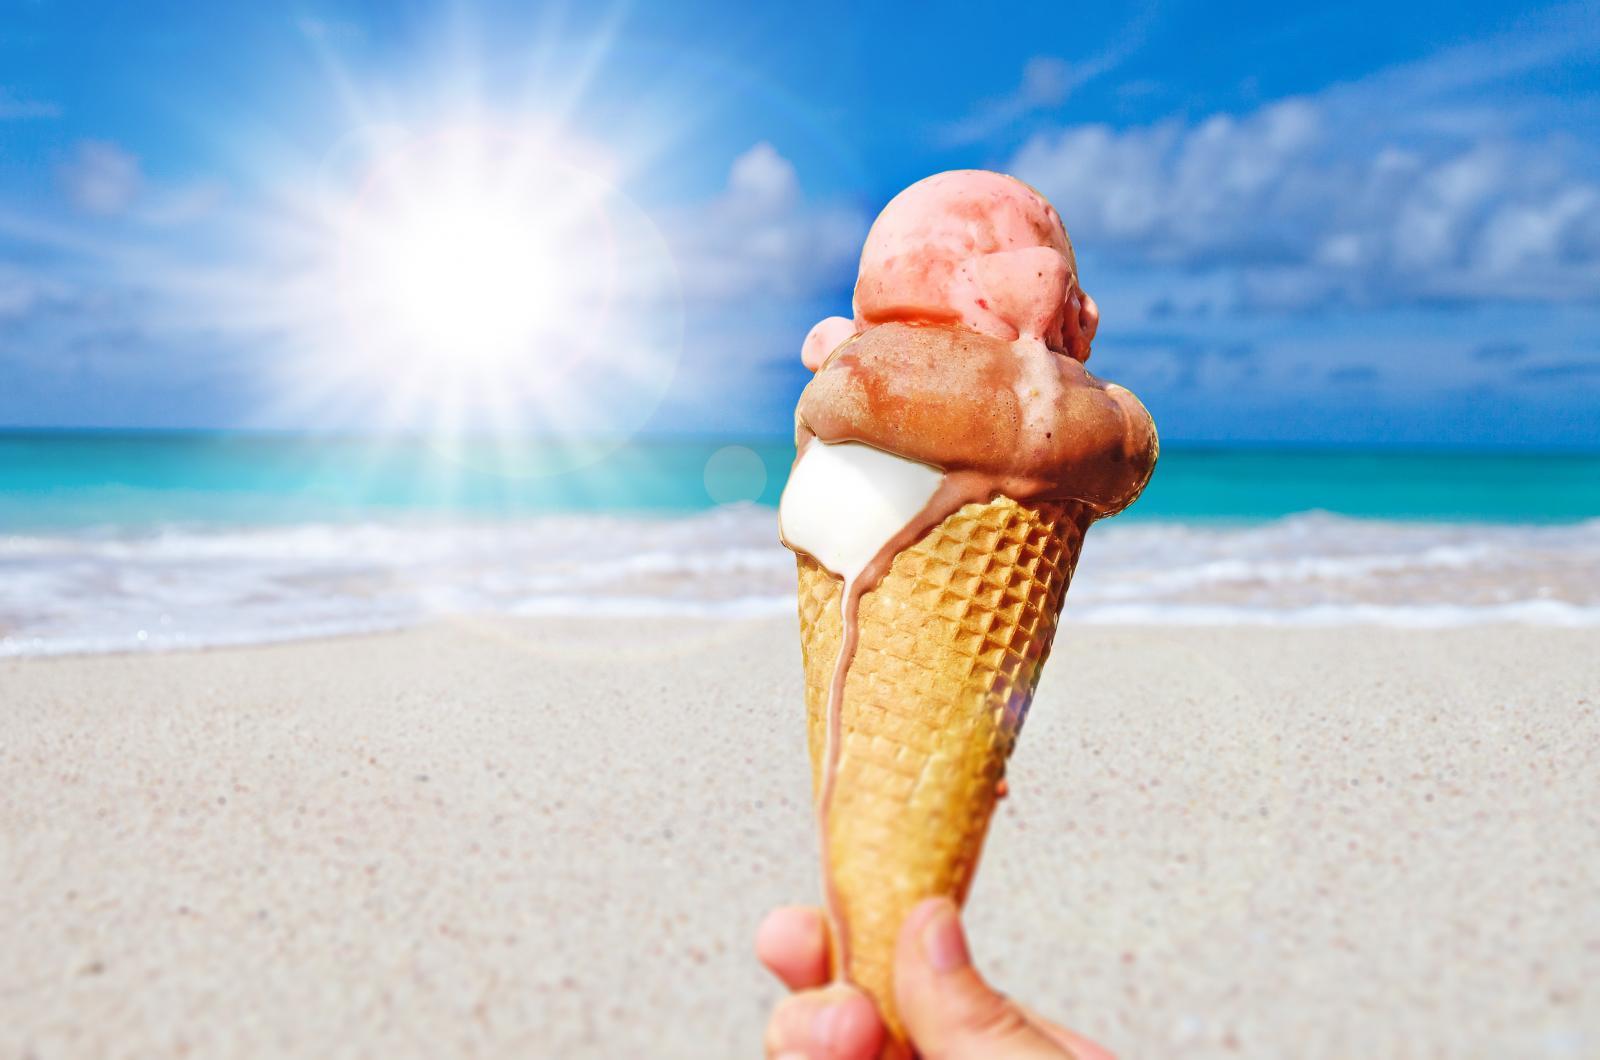 Завтра в Брянске будет сухо и жарко